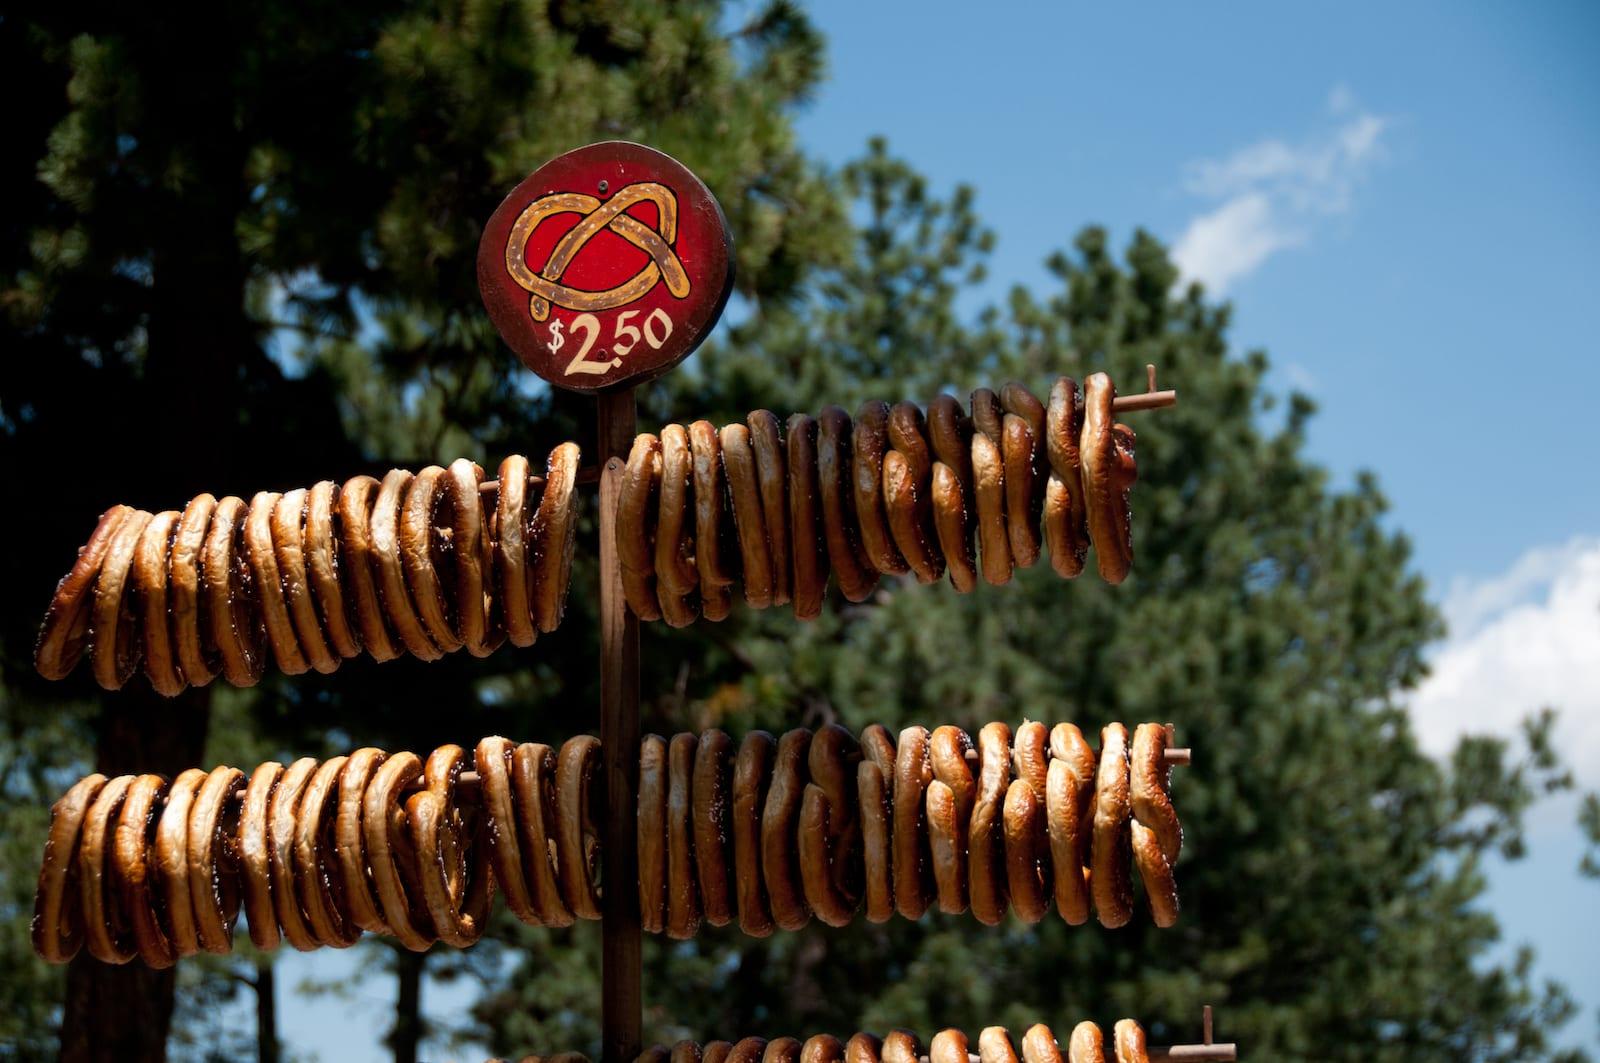 Colorado Renaissance Festival Soft Pretzels for Sale